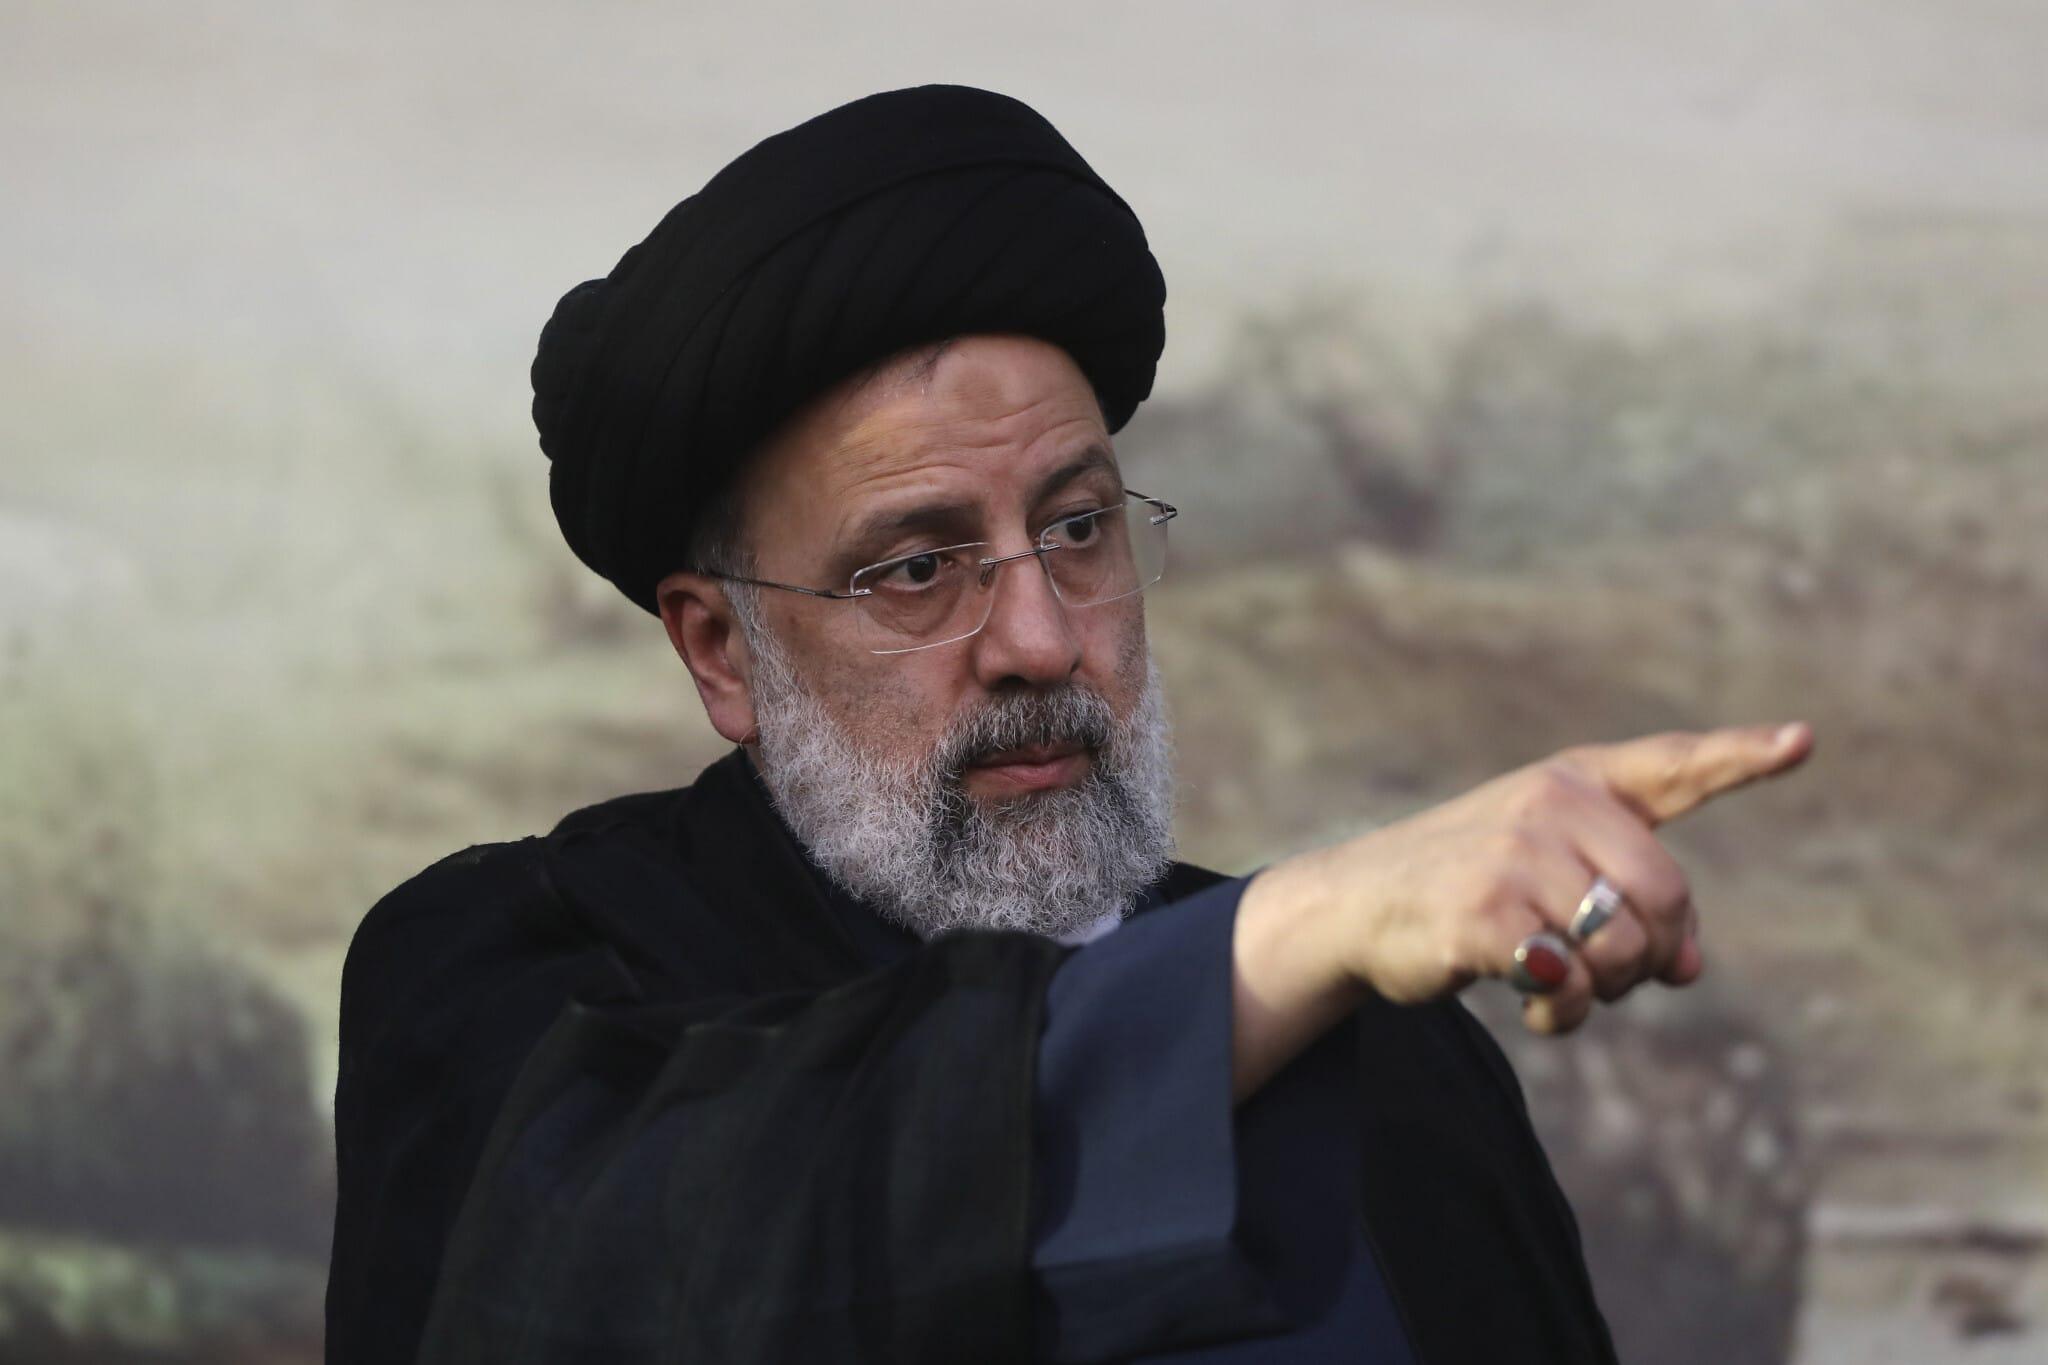 """الرئيس الإيراني الجديد بصراحة تامّة: الإمارات """"صديق مخلص"""" لإيران وأريد علاقات وثيقة معها"""